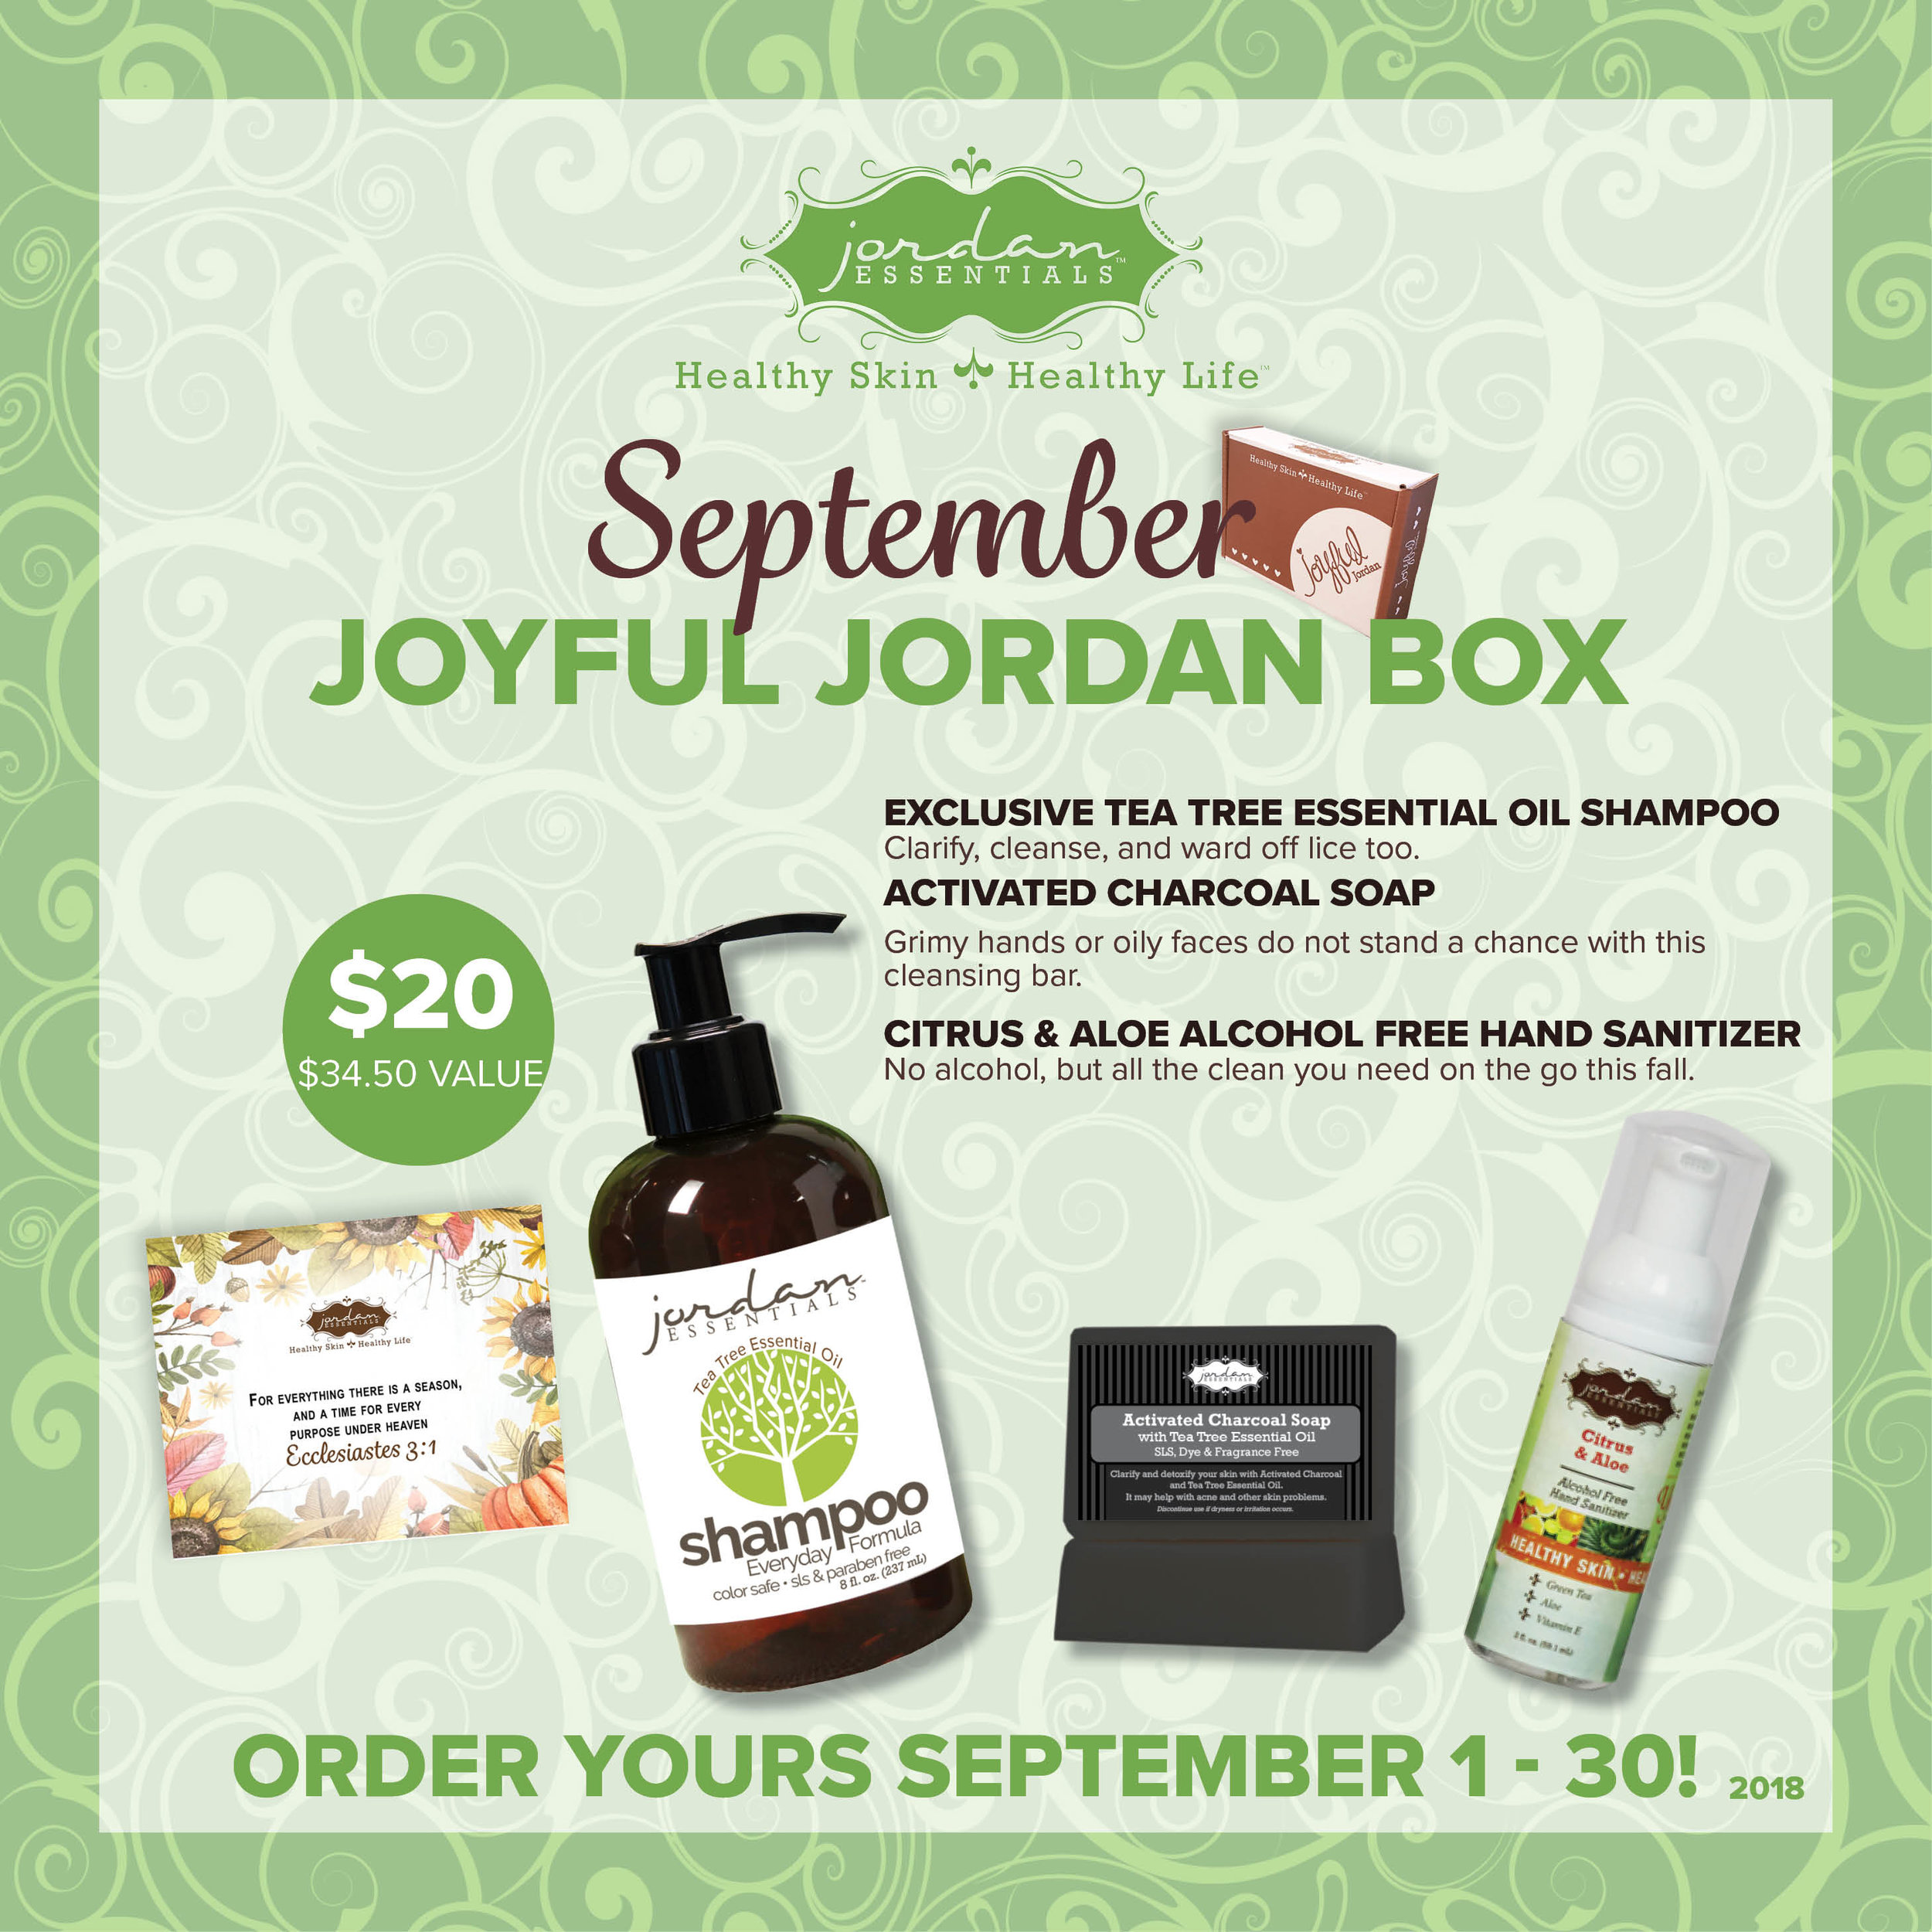 September 2018 Joyful Jordan Box (1).jpg